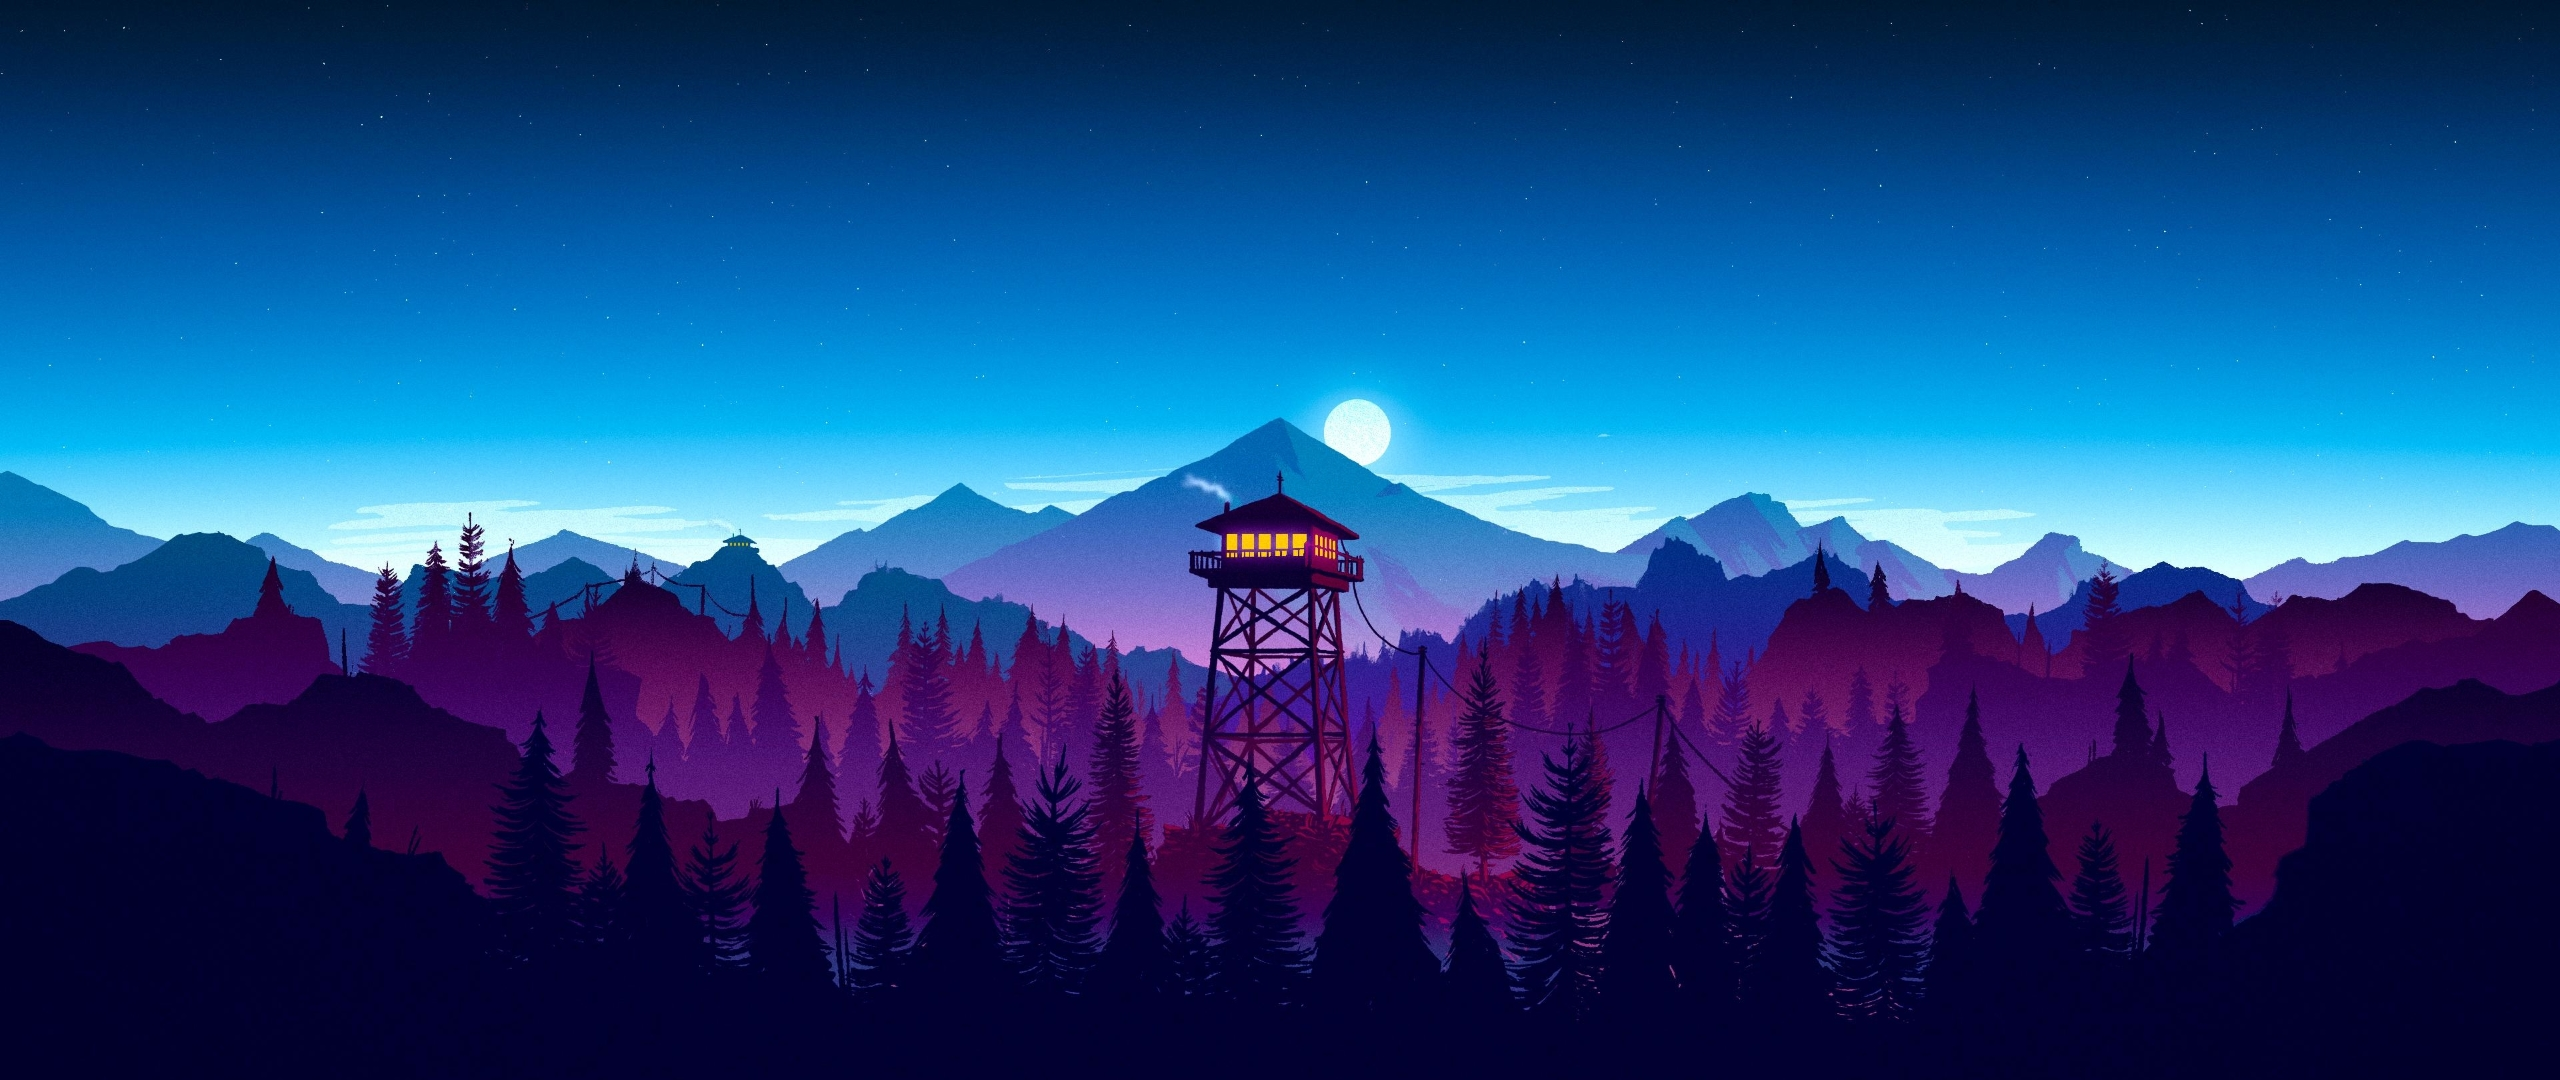 Download Firewatch Sunset Artwork 2560x1080 Resolution HD 4K Wallpaper